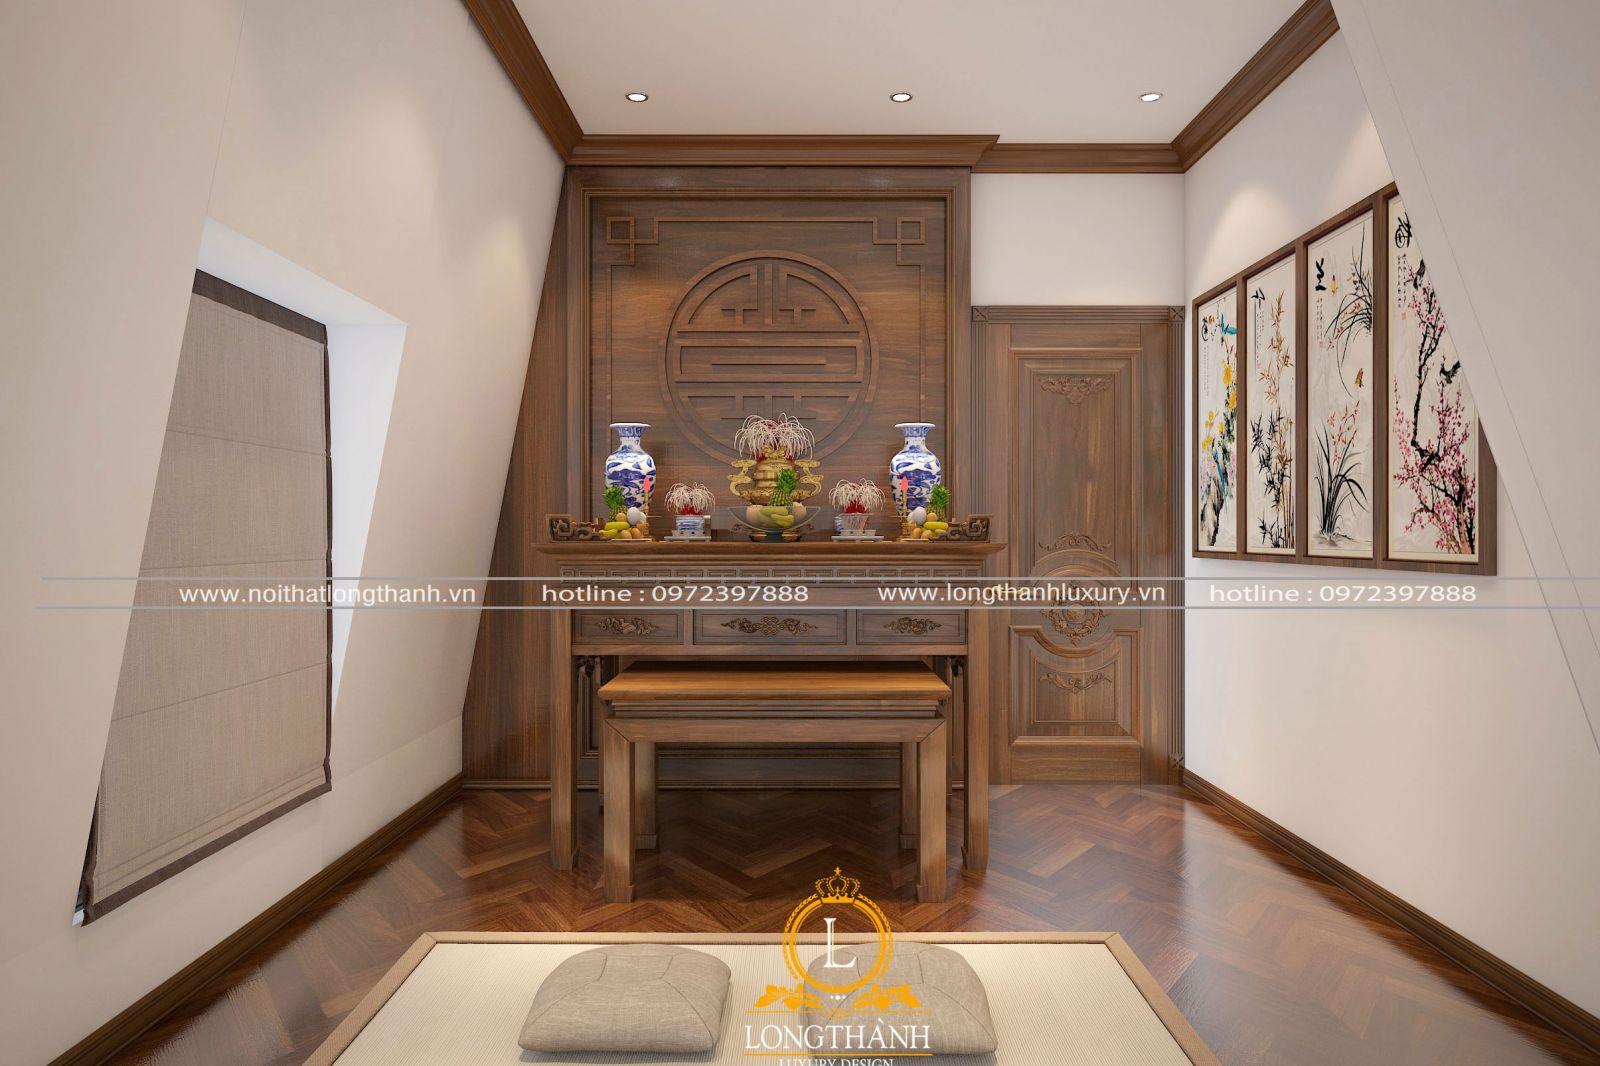 Thiết kế nội thất phòng thờ theo phong cách tân cổ điển đơn giản